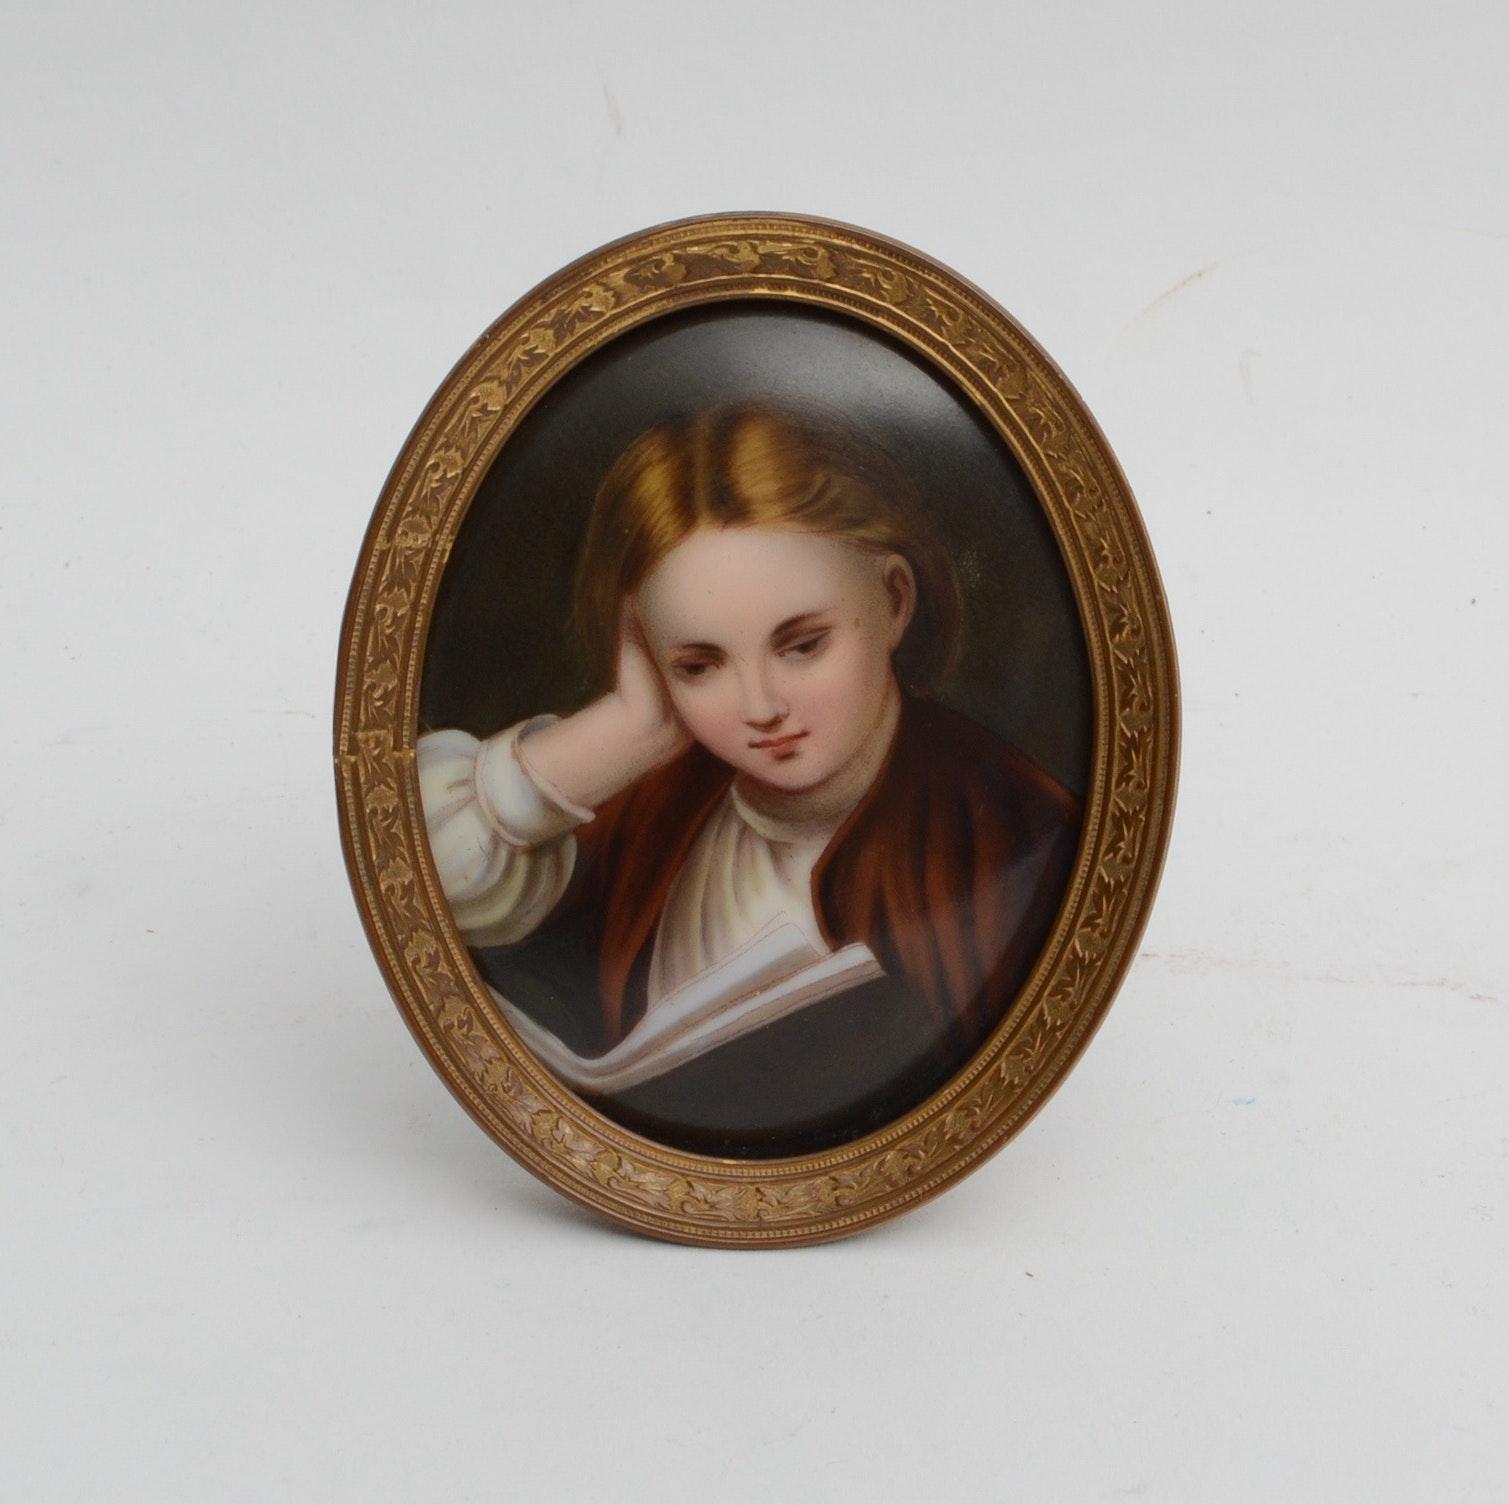 Antique Oil on Enamel Portrait